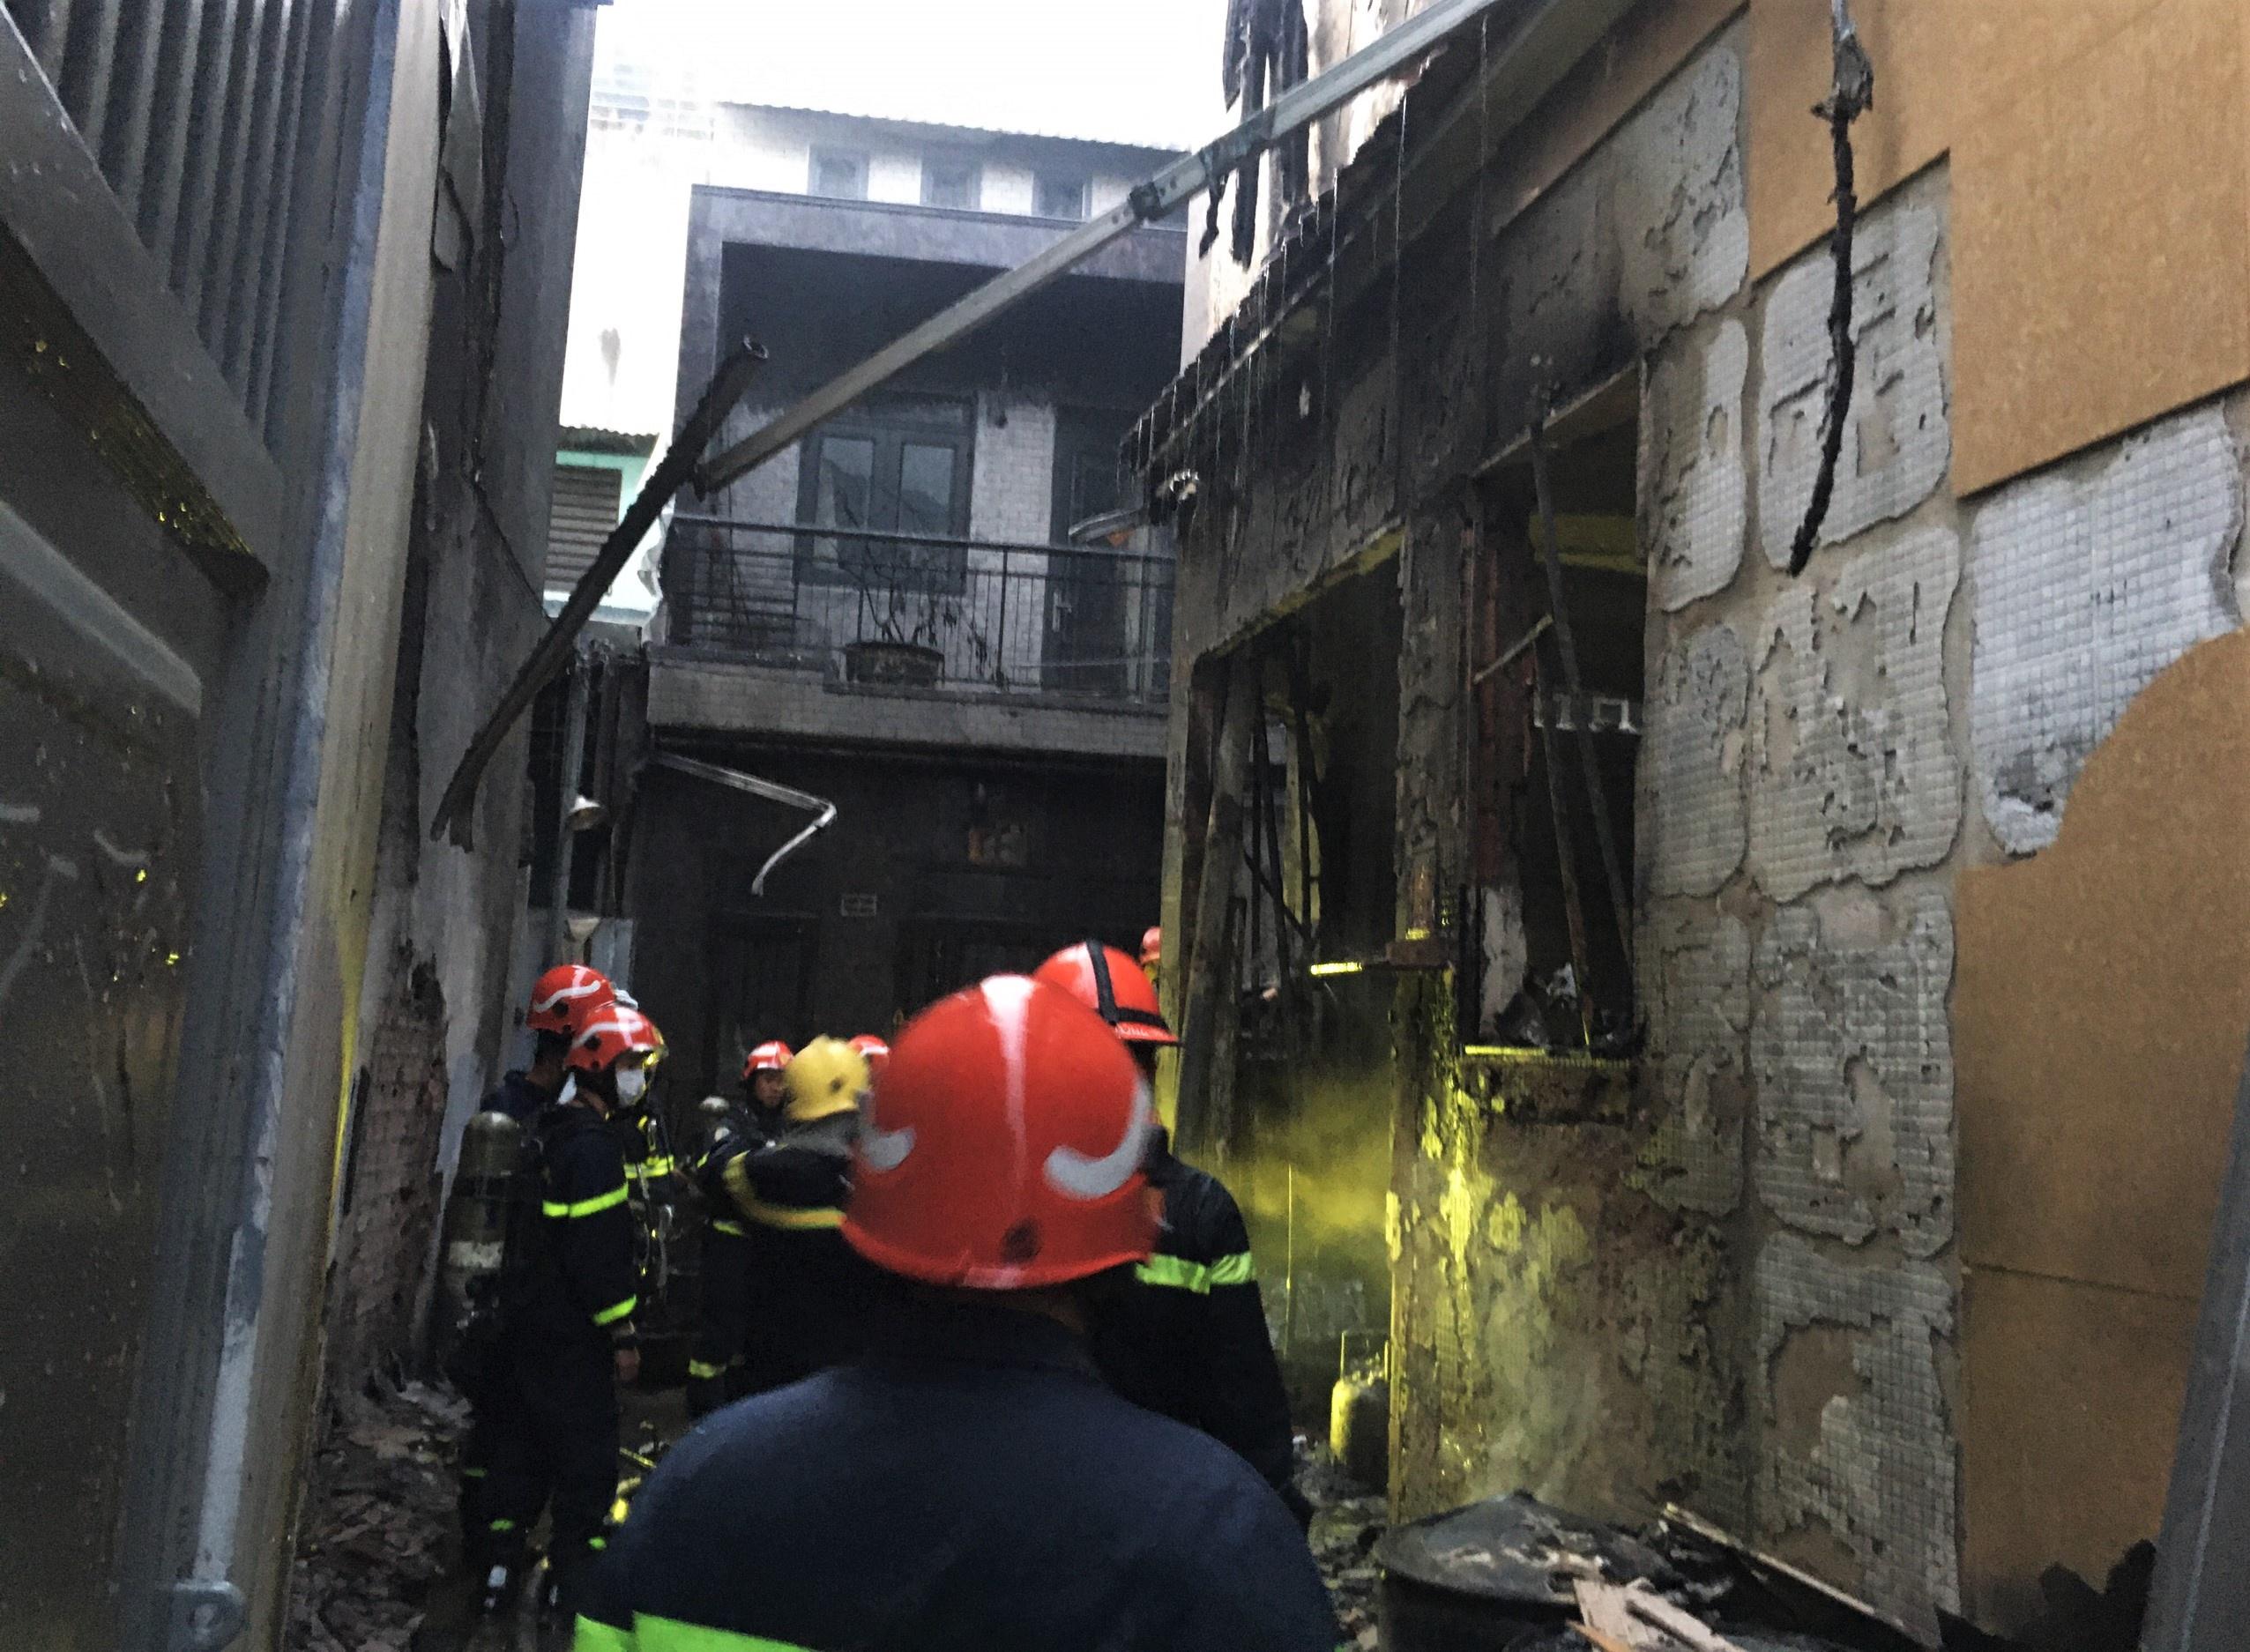 ẢNH-CLIP: Hiện trường bên trong căn nhà cháy làm 8 người chết ở TP.HCM - Ảnh 1.